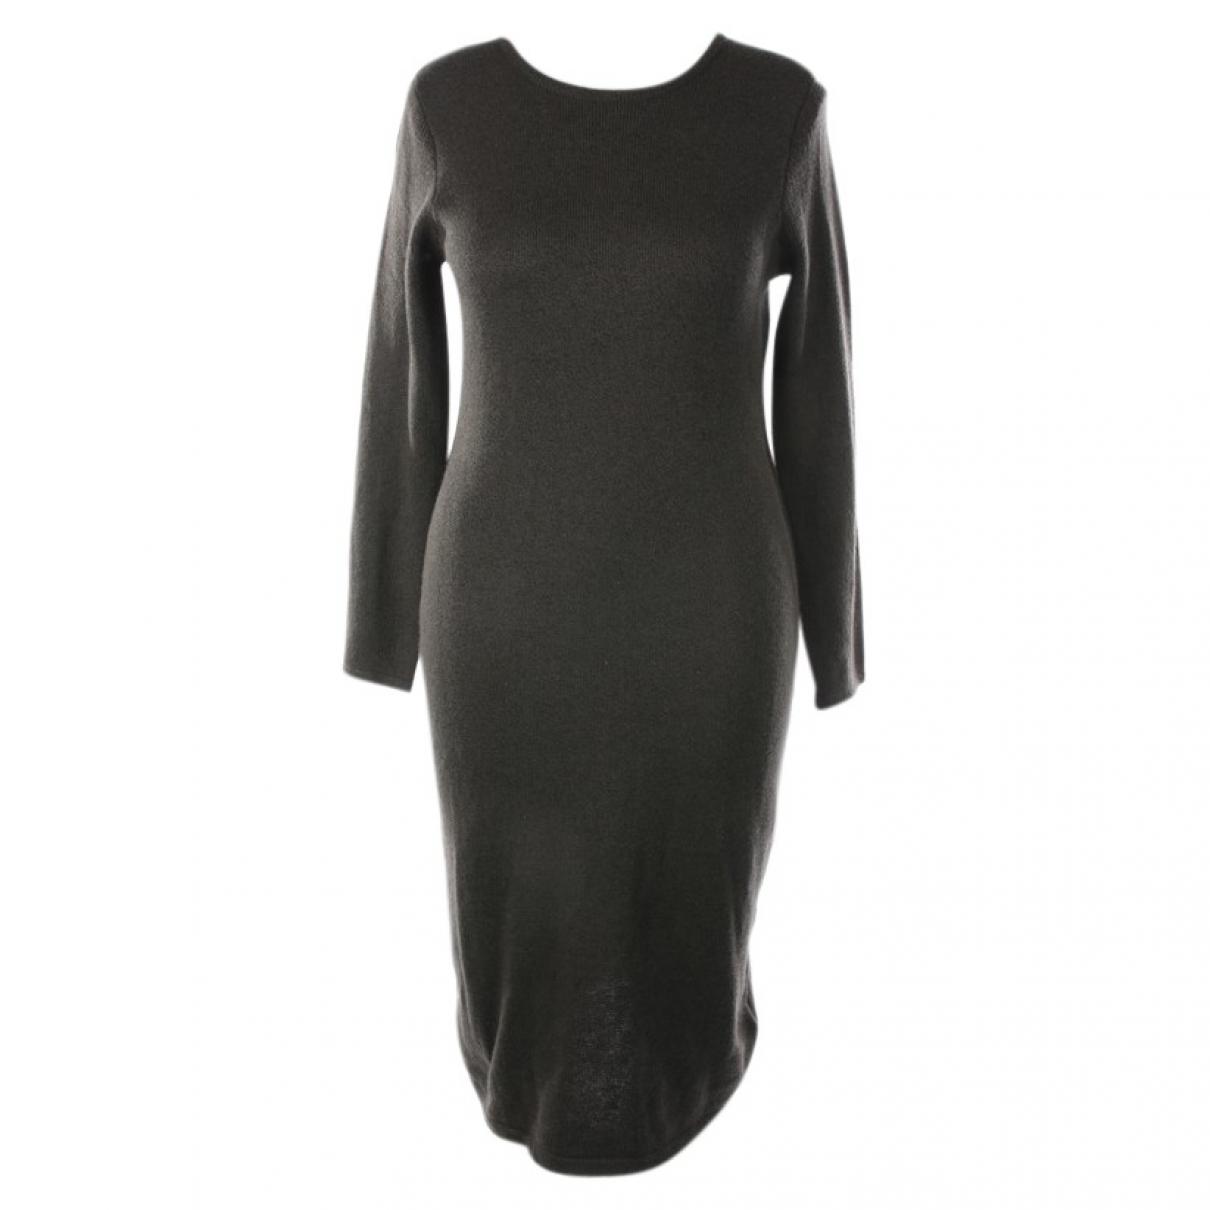 Rachel Zoe \N Kleid in  Gruen Baumwolle